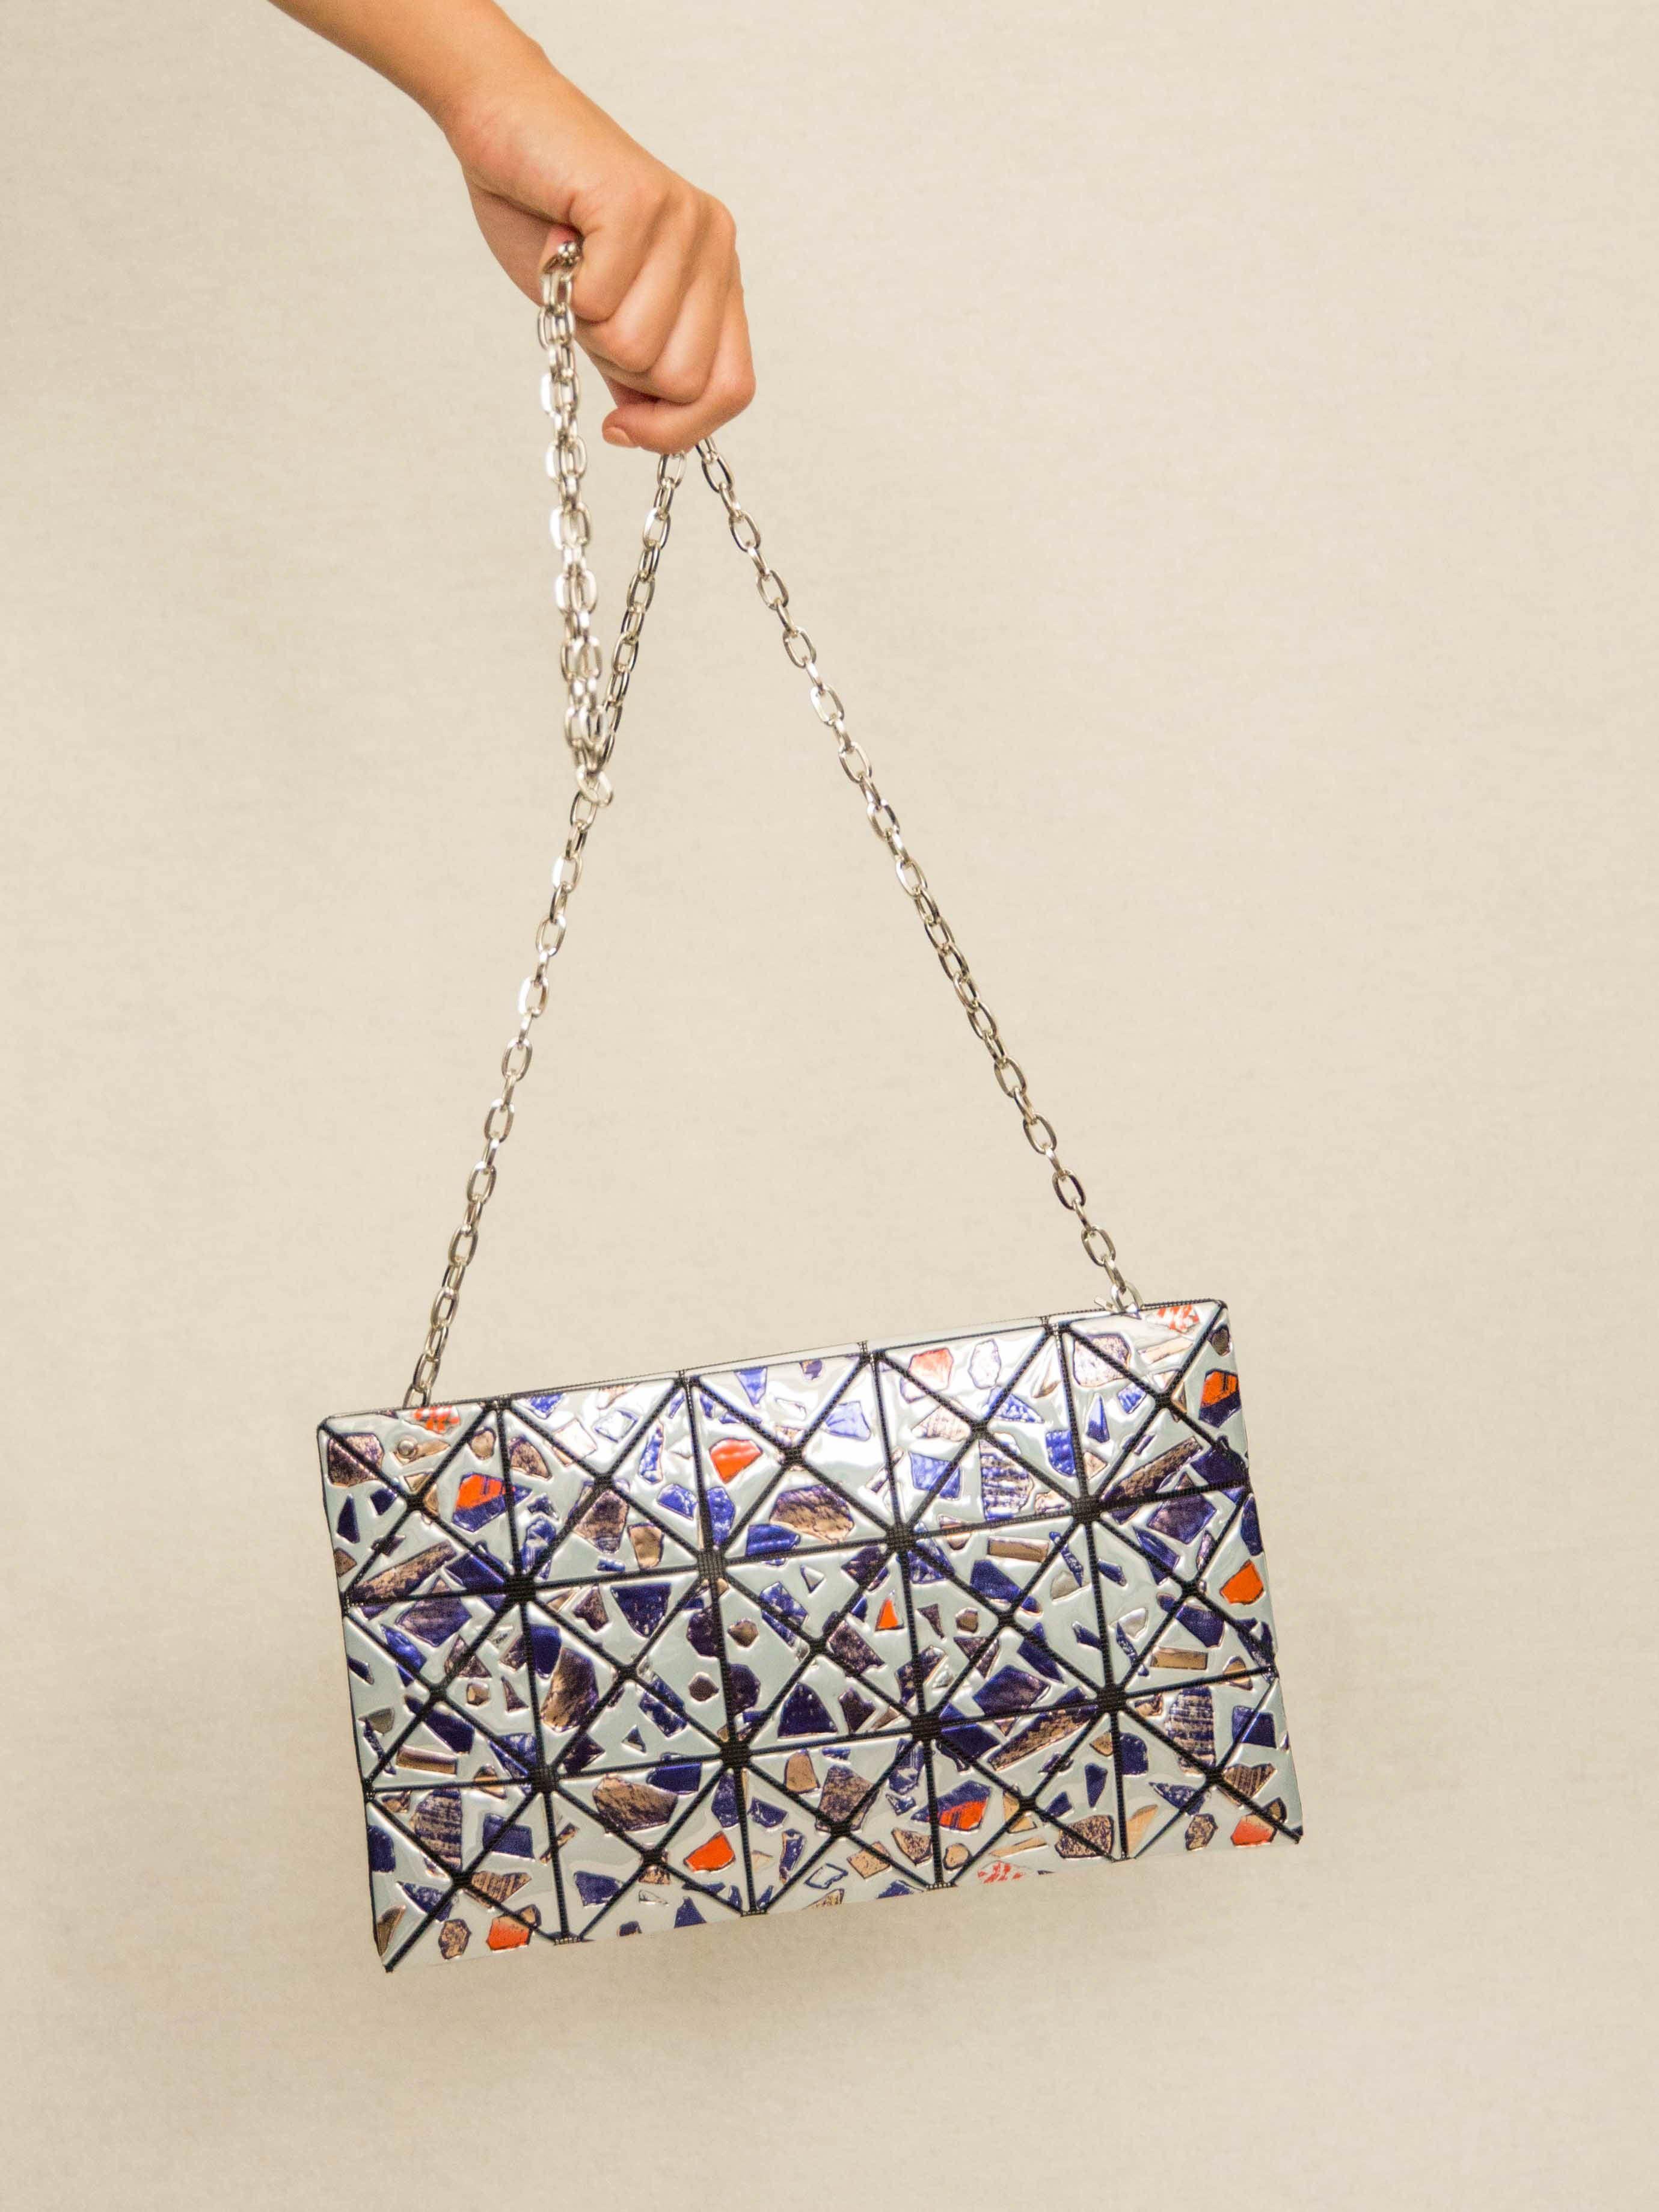 7a2dd02b0ada BAO BAO ISSEY MIYAKE Platinum Gem Crossbody Bag with Chain